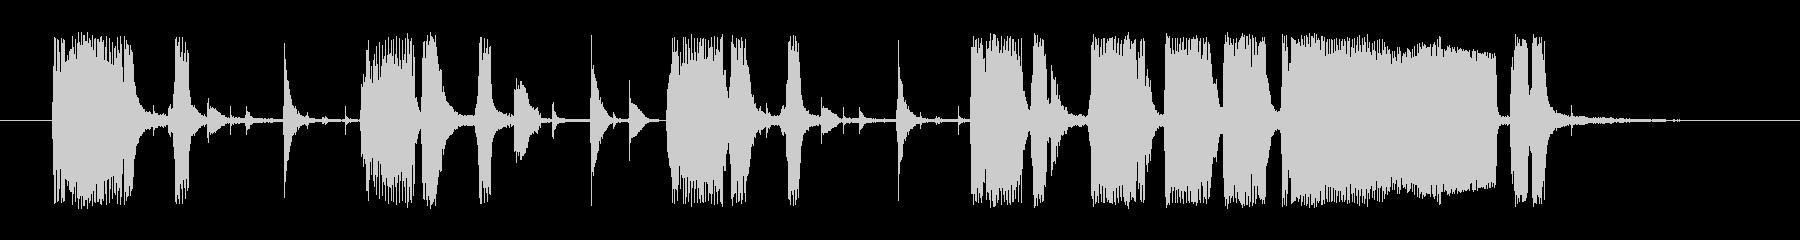 15秒使いやすい、CM,ジングル、ロゴにの未再生の波形